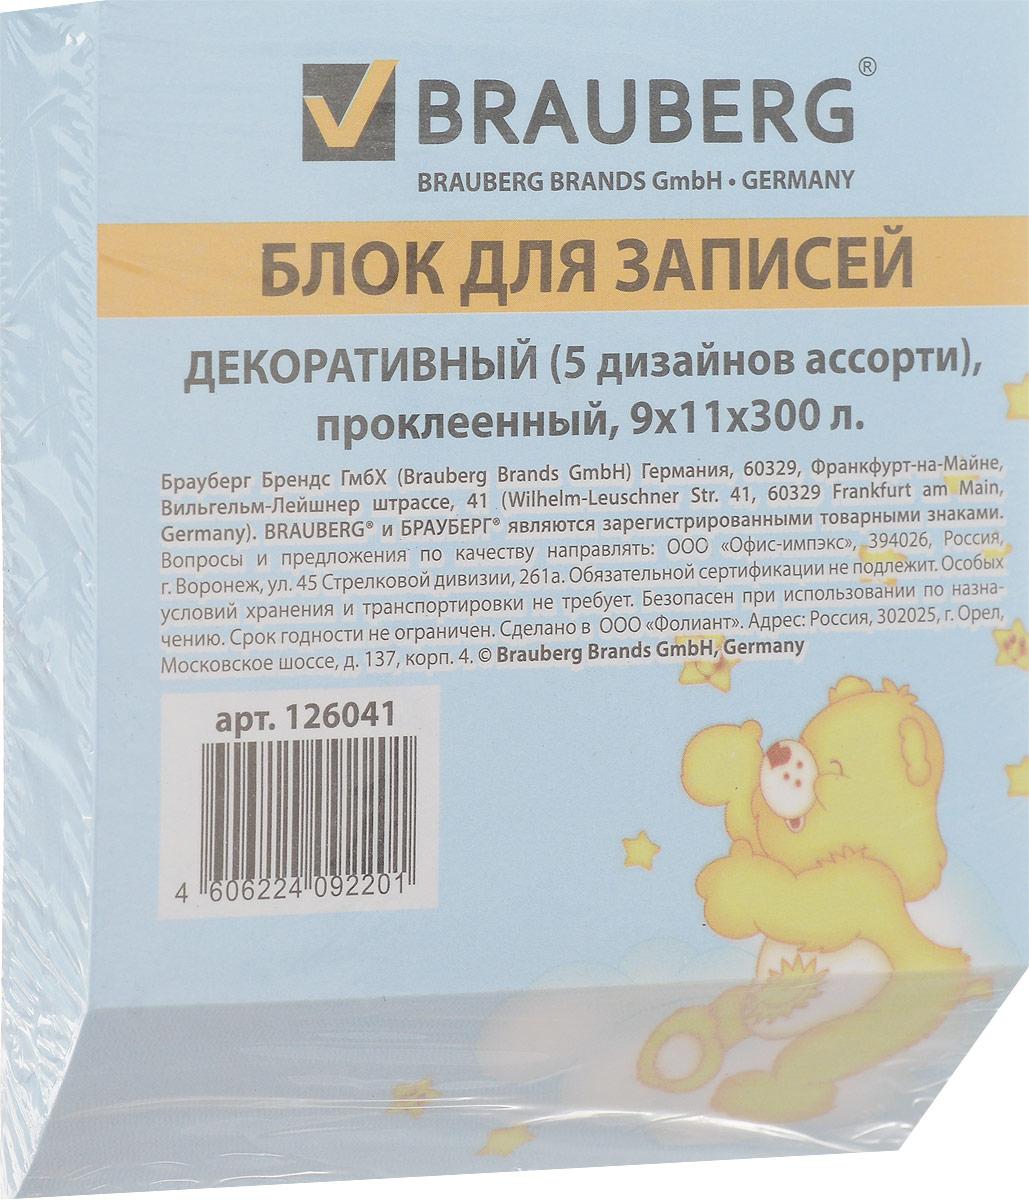 Brauberg Блок для записей Медведь 9 х 11 см 300 листов126041_медведьБлок для записей Brauberg изготовлен из высококачественной офсетной бумаги. Идеально подходит для быстрой фиксации информации. Благодаря яркой цветовой гамме, современному дизайну и оригинальной конструкции вносит в развитие ребенка яркую ноту.